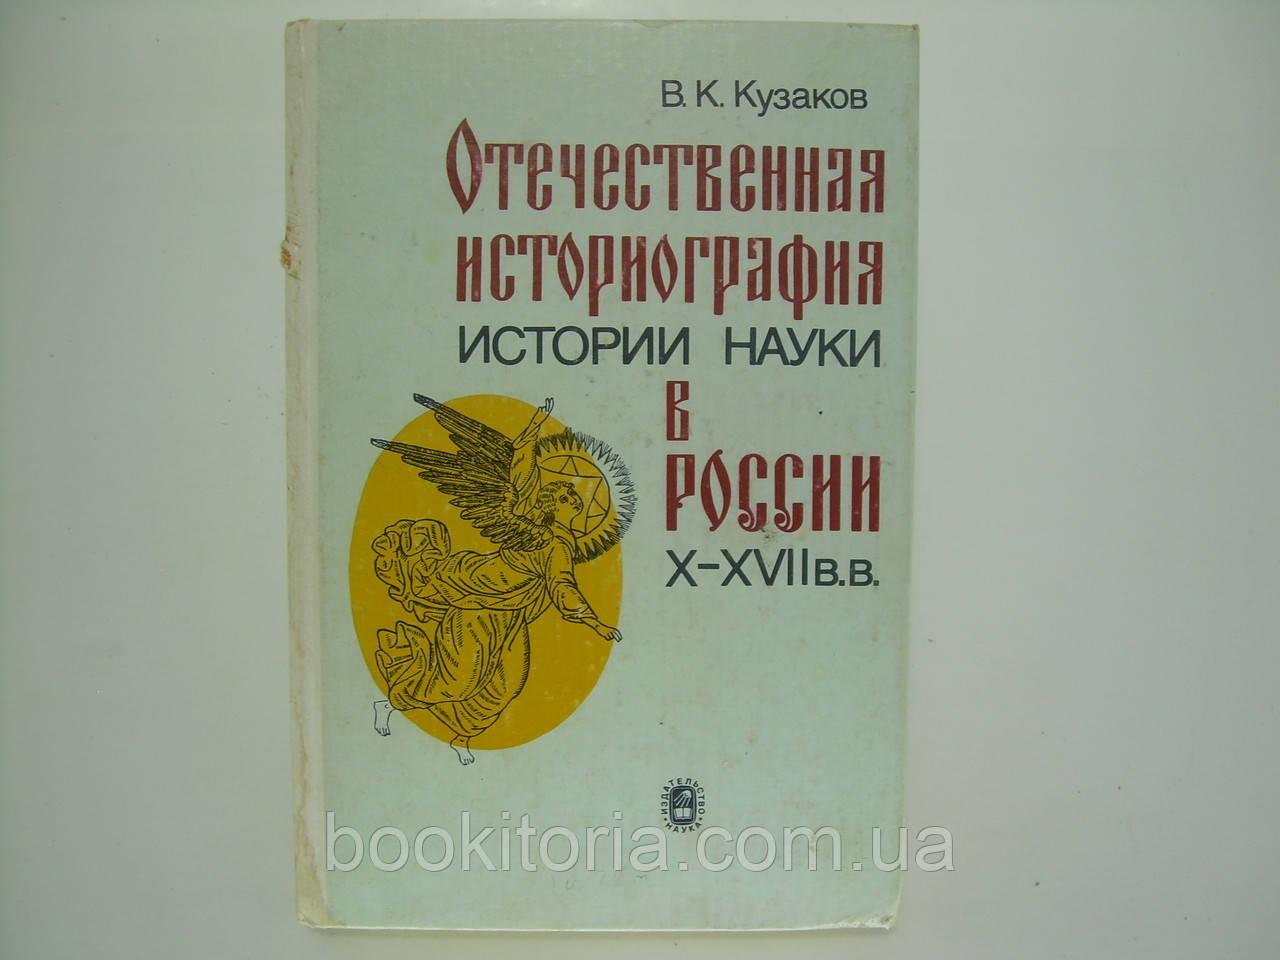 Кузаков В.К. Отечественная историография истории науки в России X - XVII вв. (б/у).